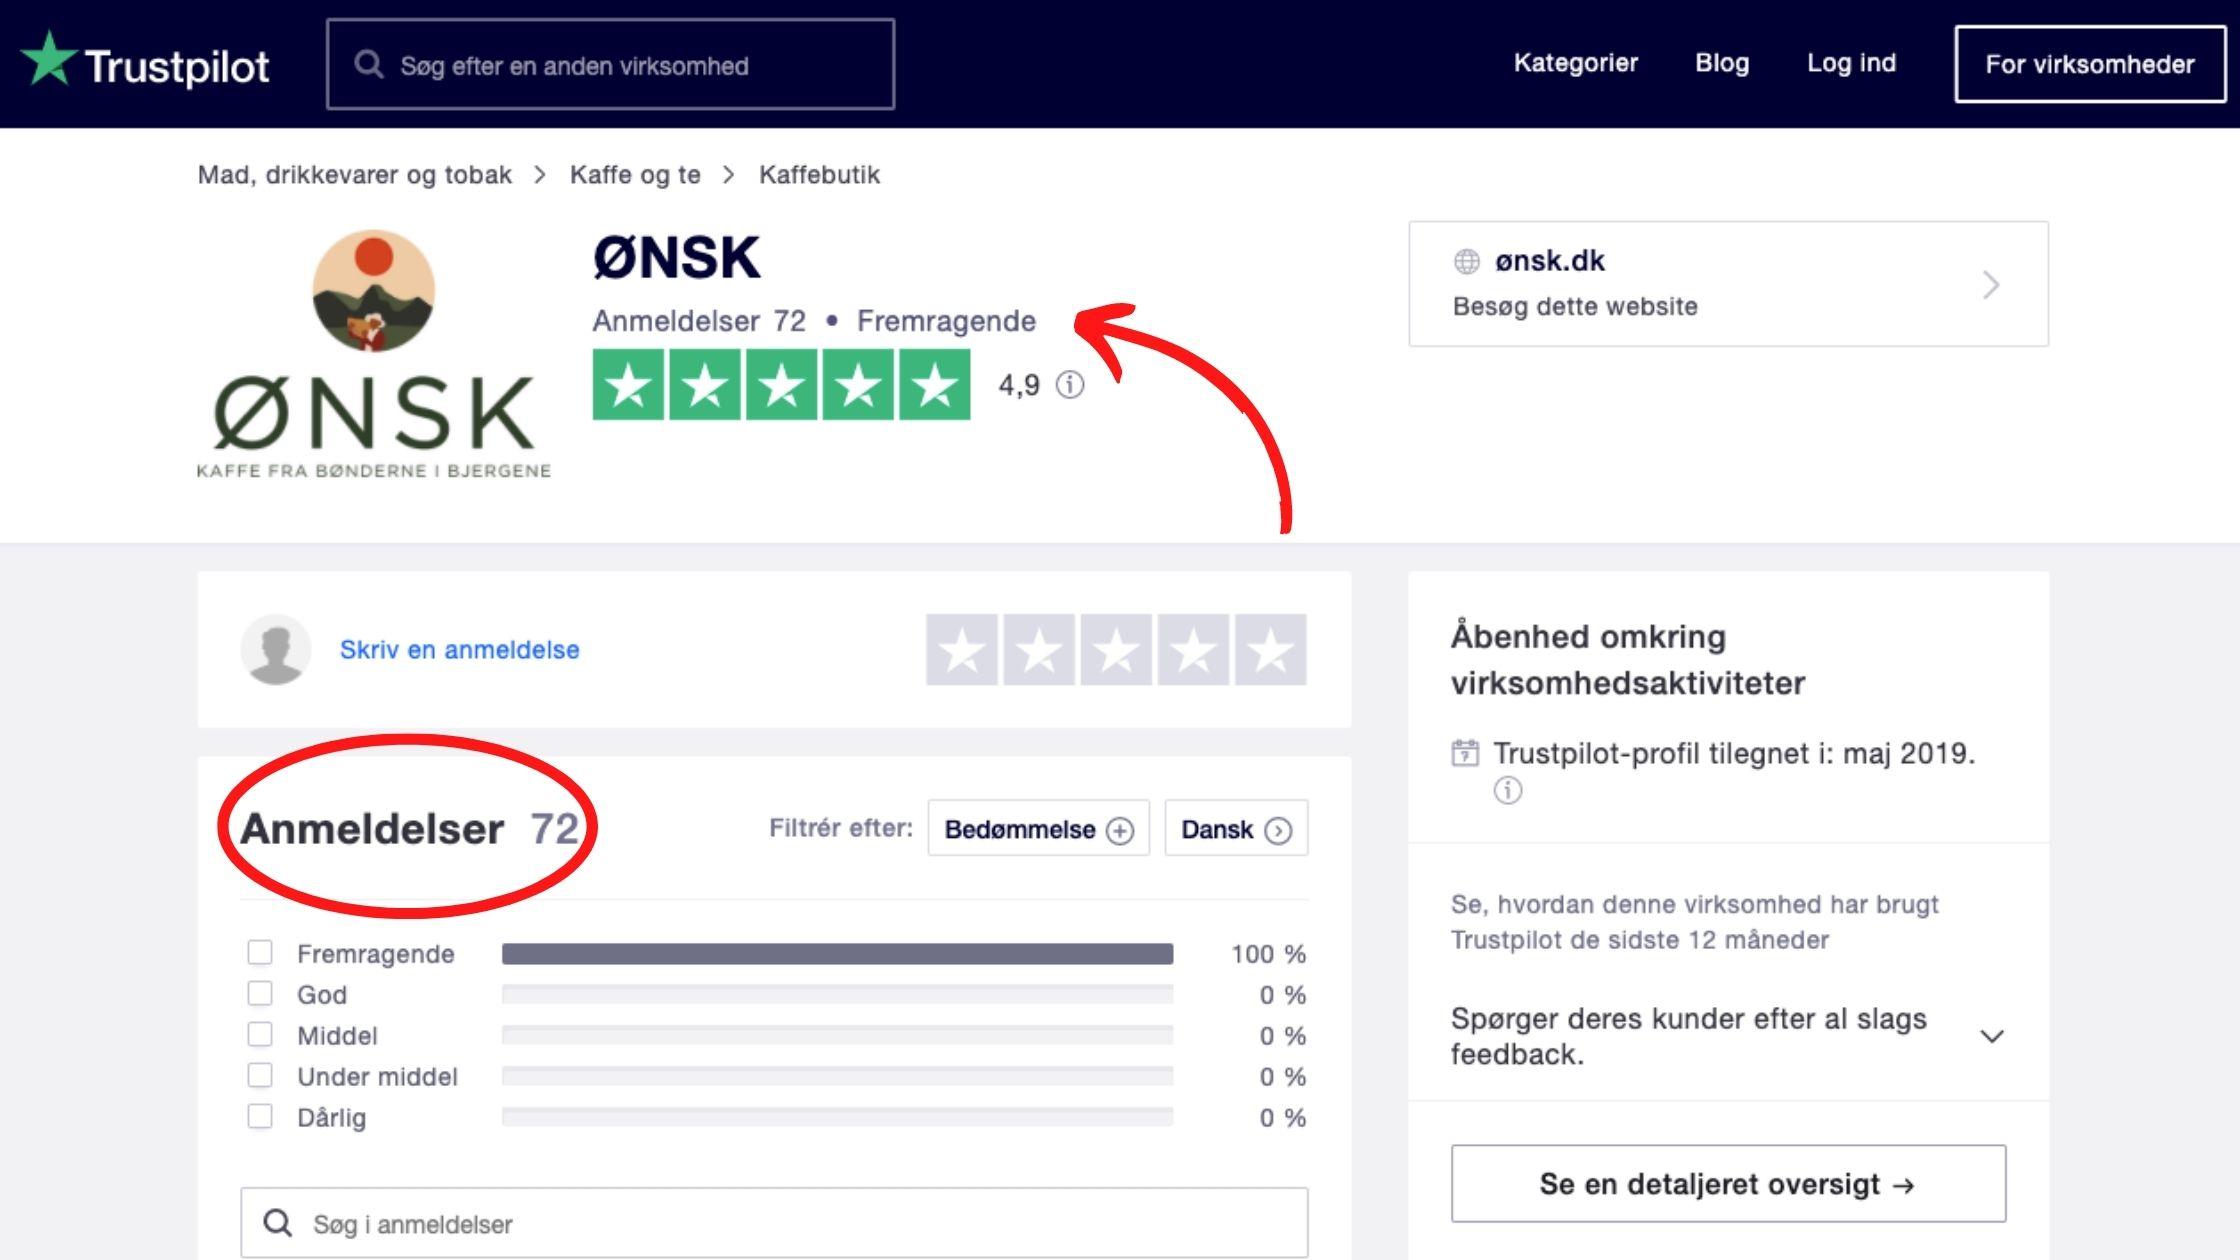 ØNSK Trustpilot